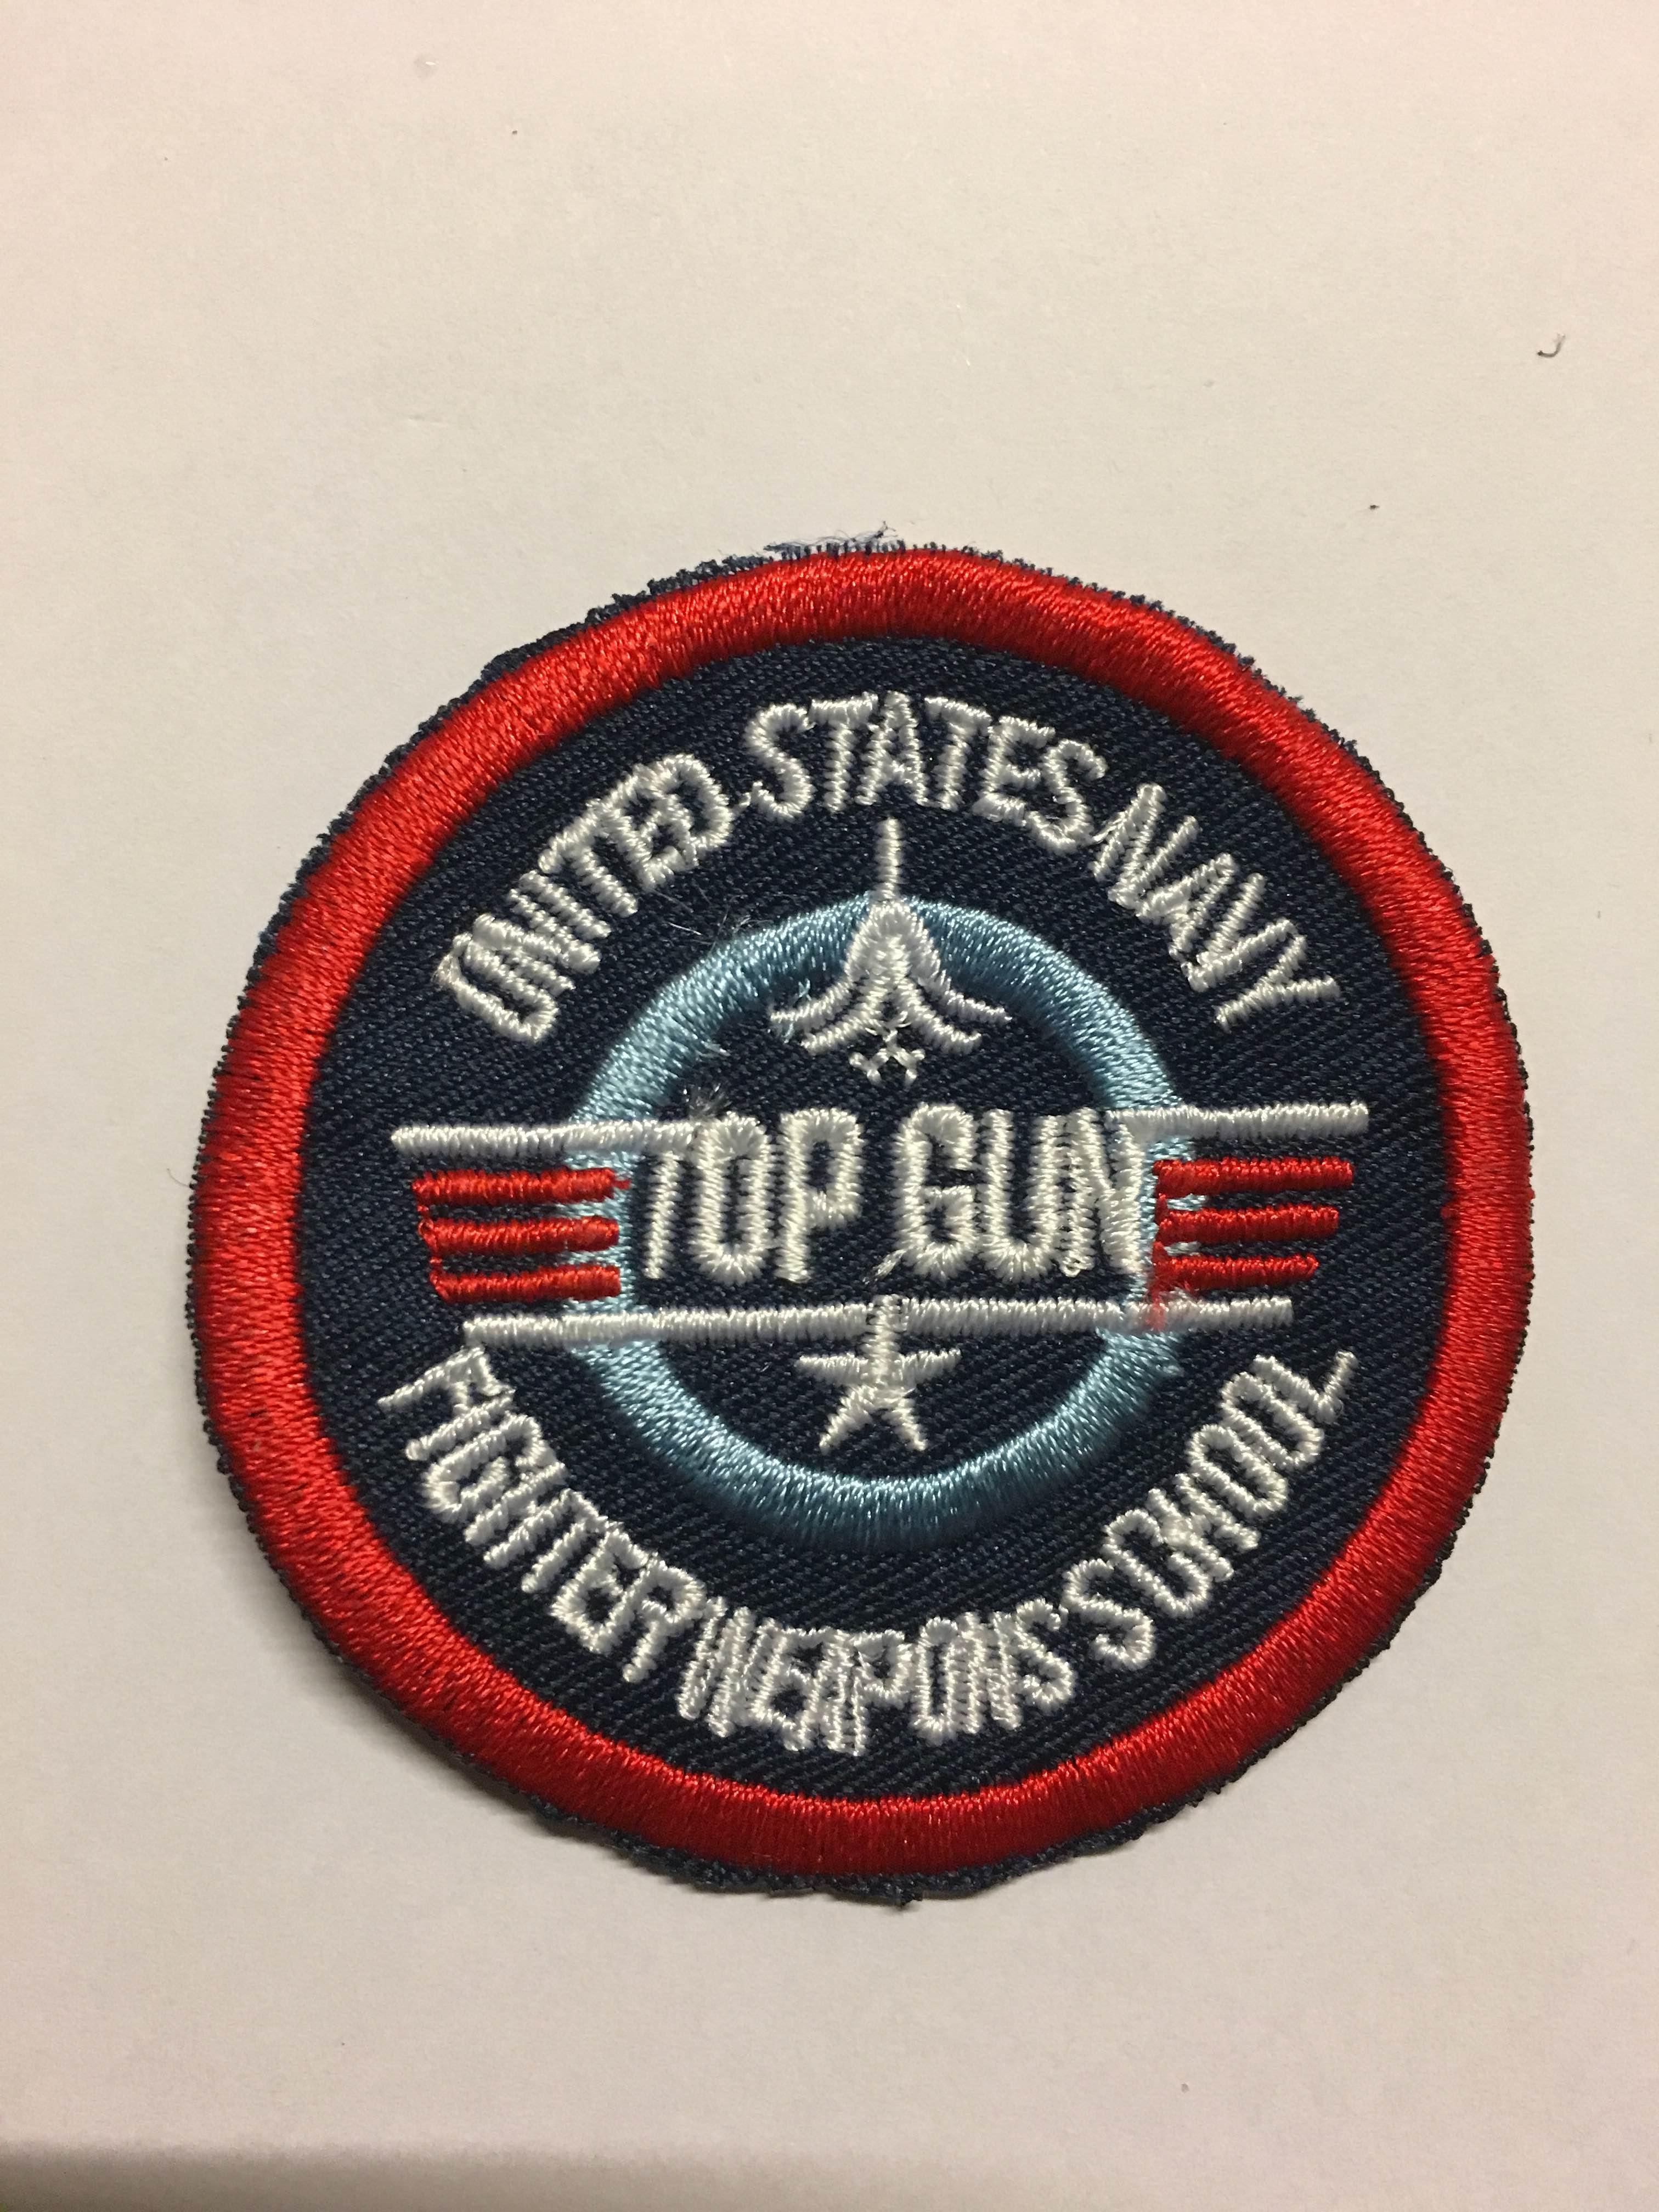 Top Gun fighter weapons school Mini